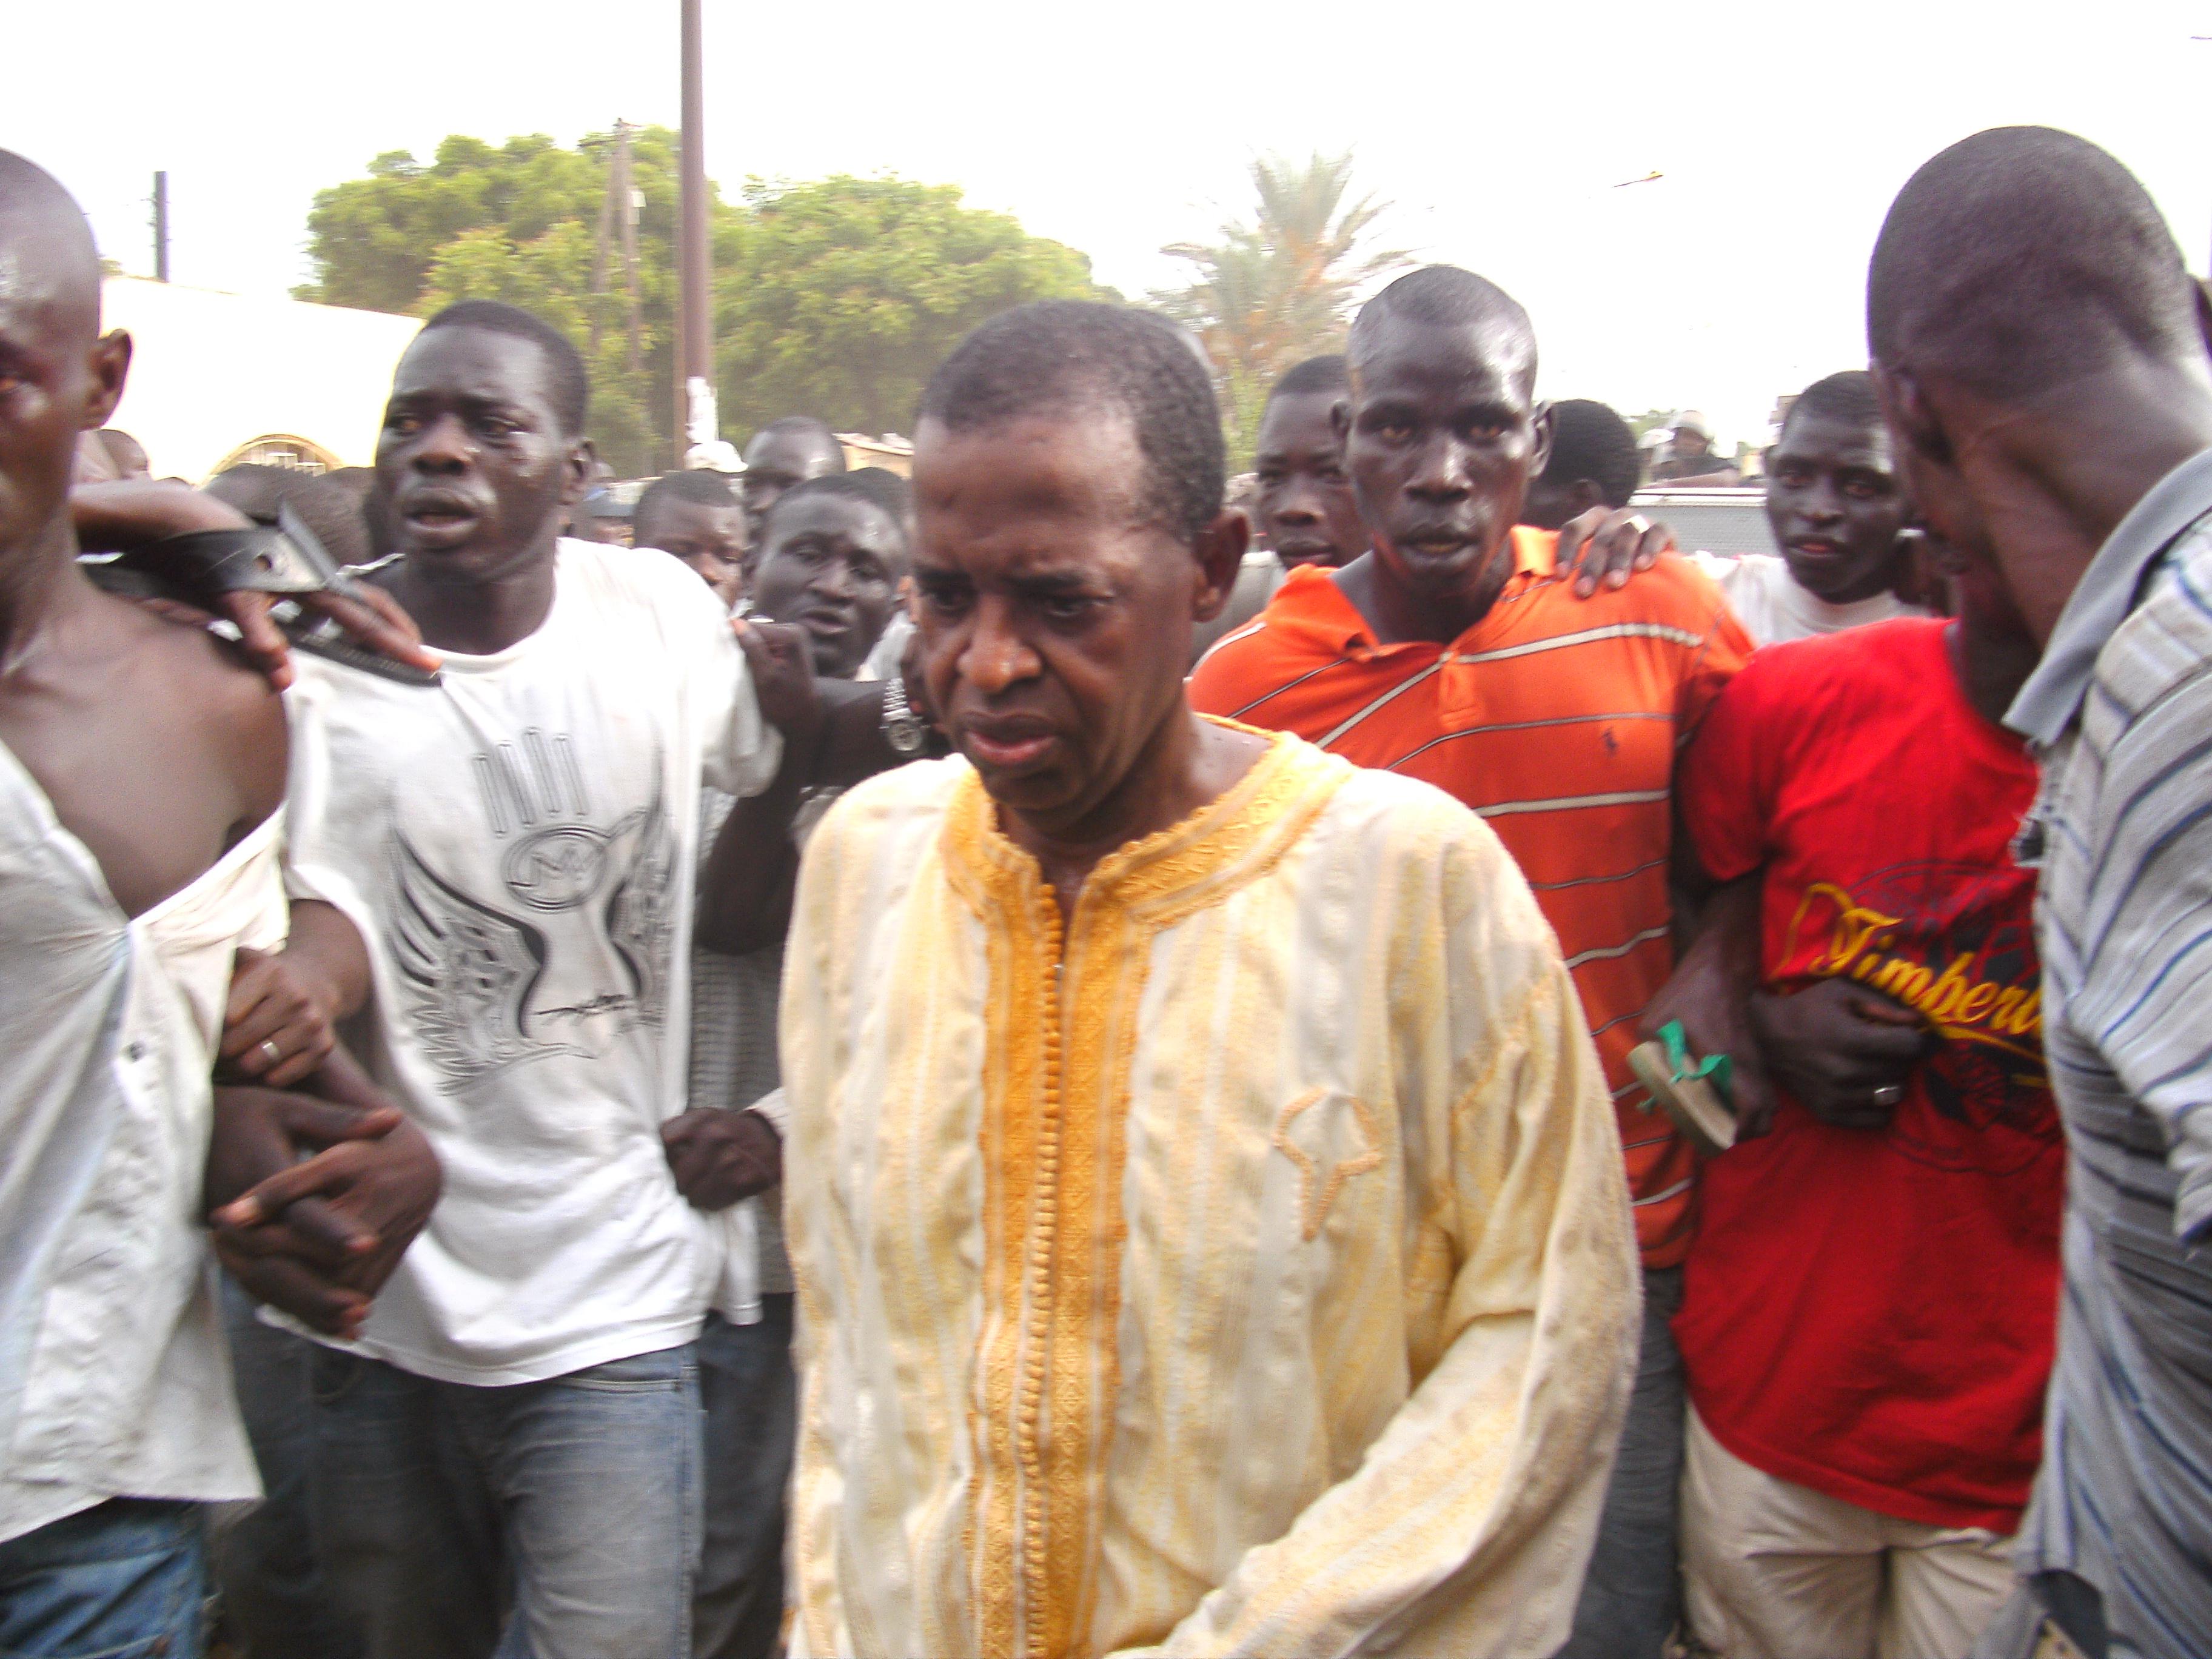 Sidy Lamine Niasse au meeting de l'opposition « J'y serais avec une grosse pierre »